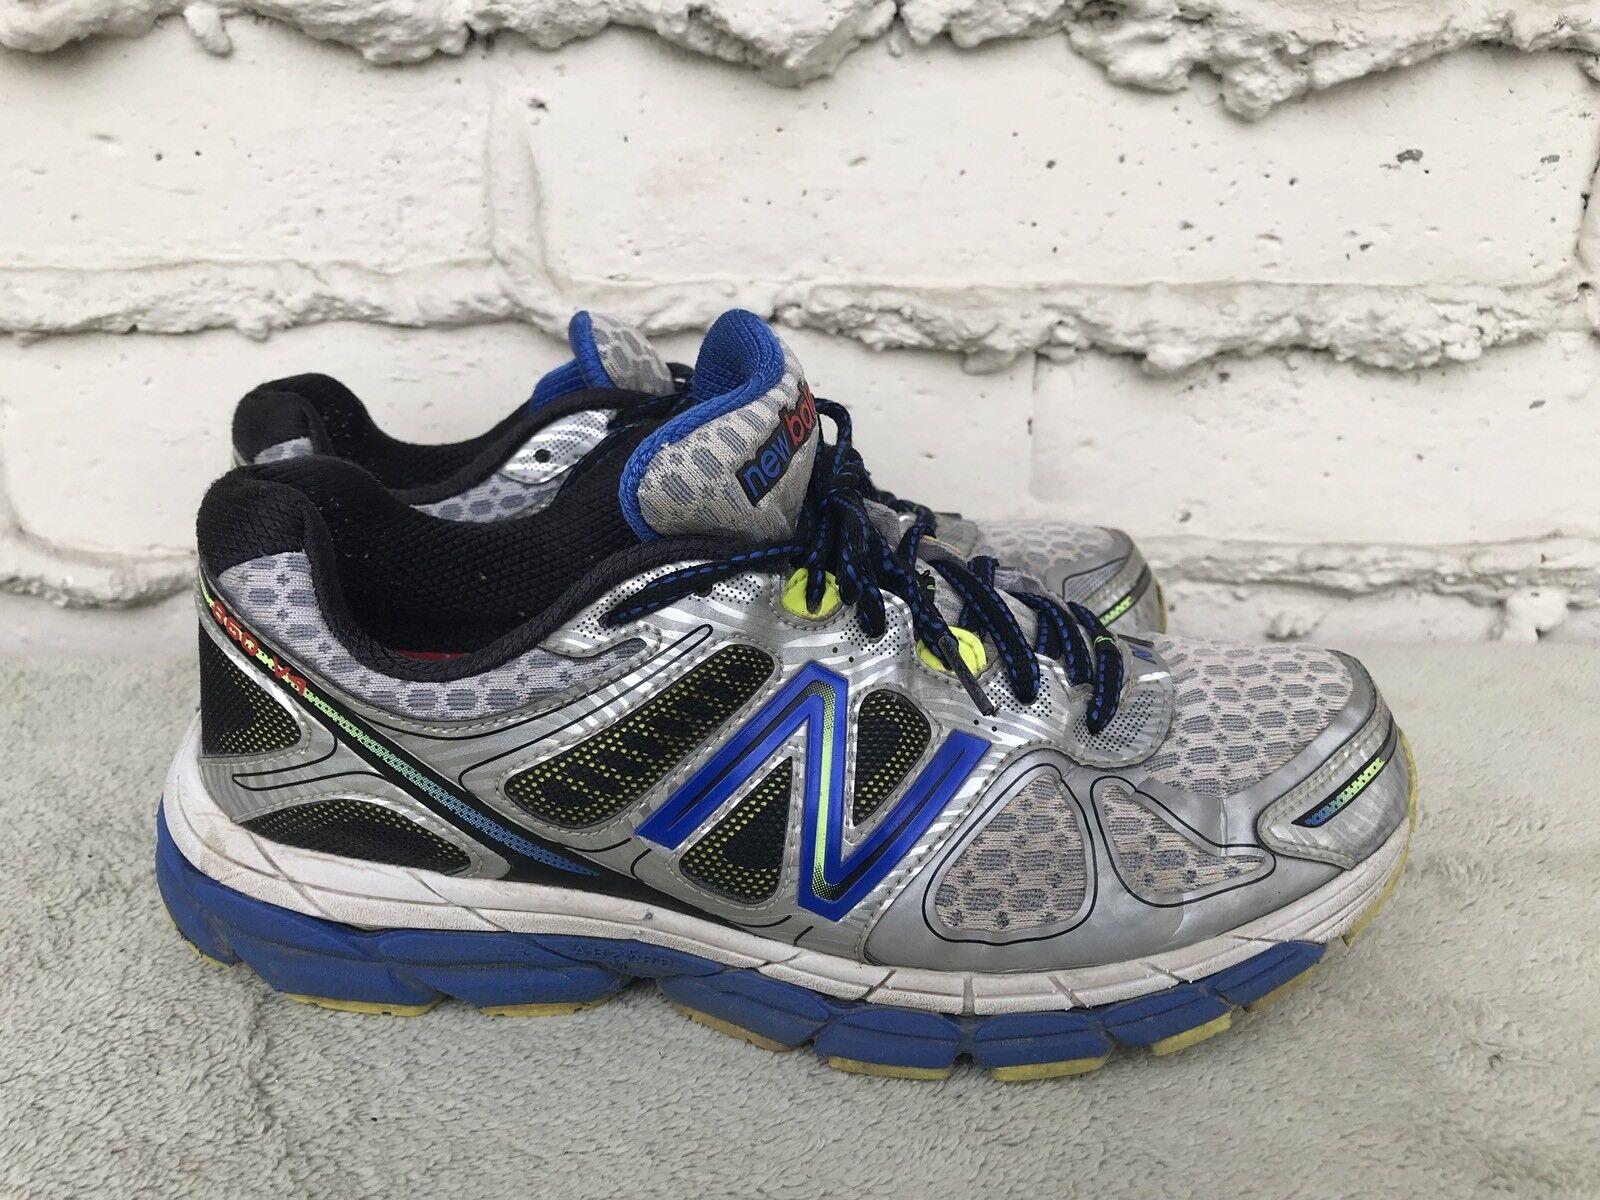 Tenis New Balance de estabilidad Zapatos 860v4 M860SB4 Zapatos estabilidad Para Correr Para hombres E de ancho 15f9c0